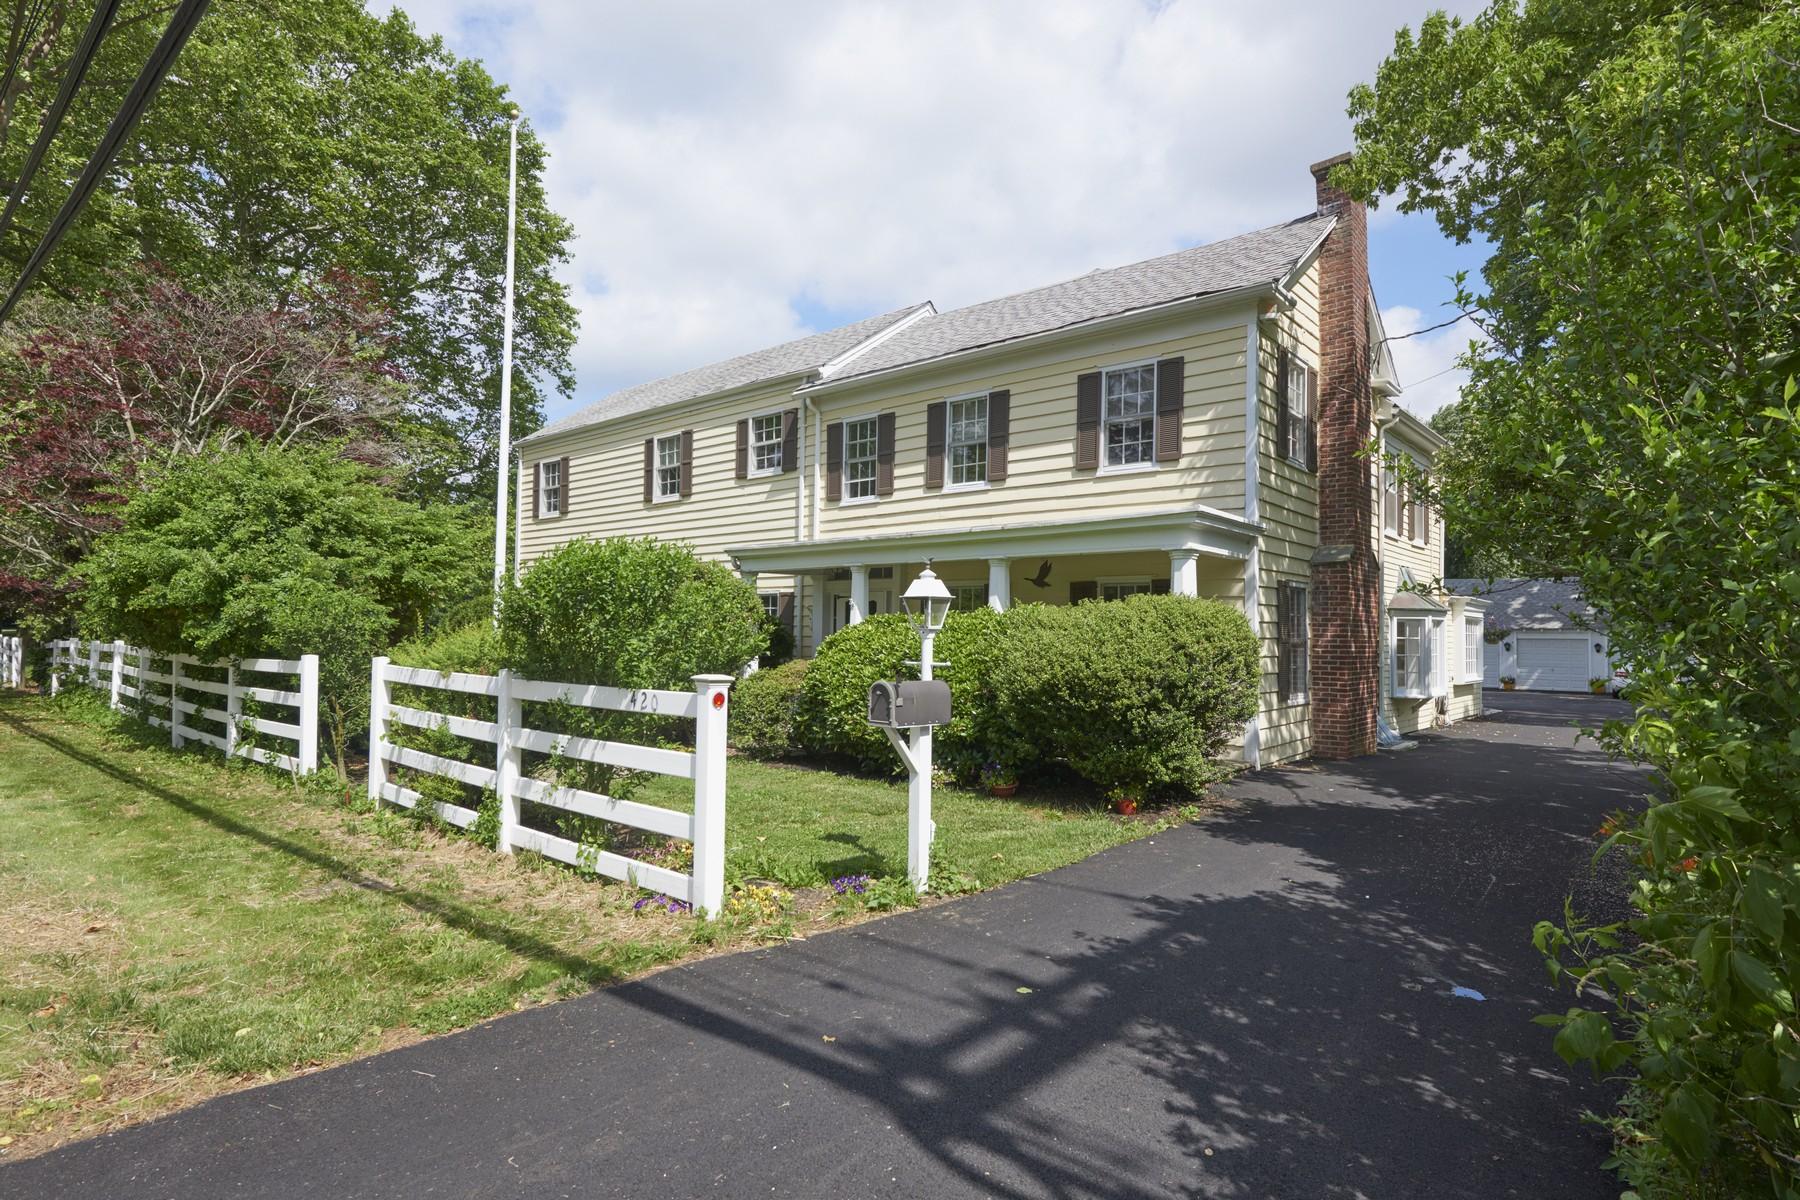 Maison unifamiliale pour l Vente à 420 Sycamore Ave. Shrewsbury, New Jersey 07702 États-Unis